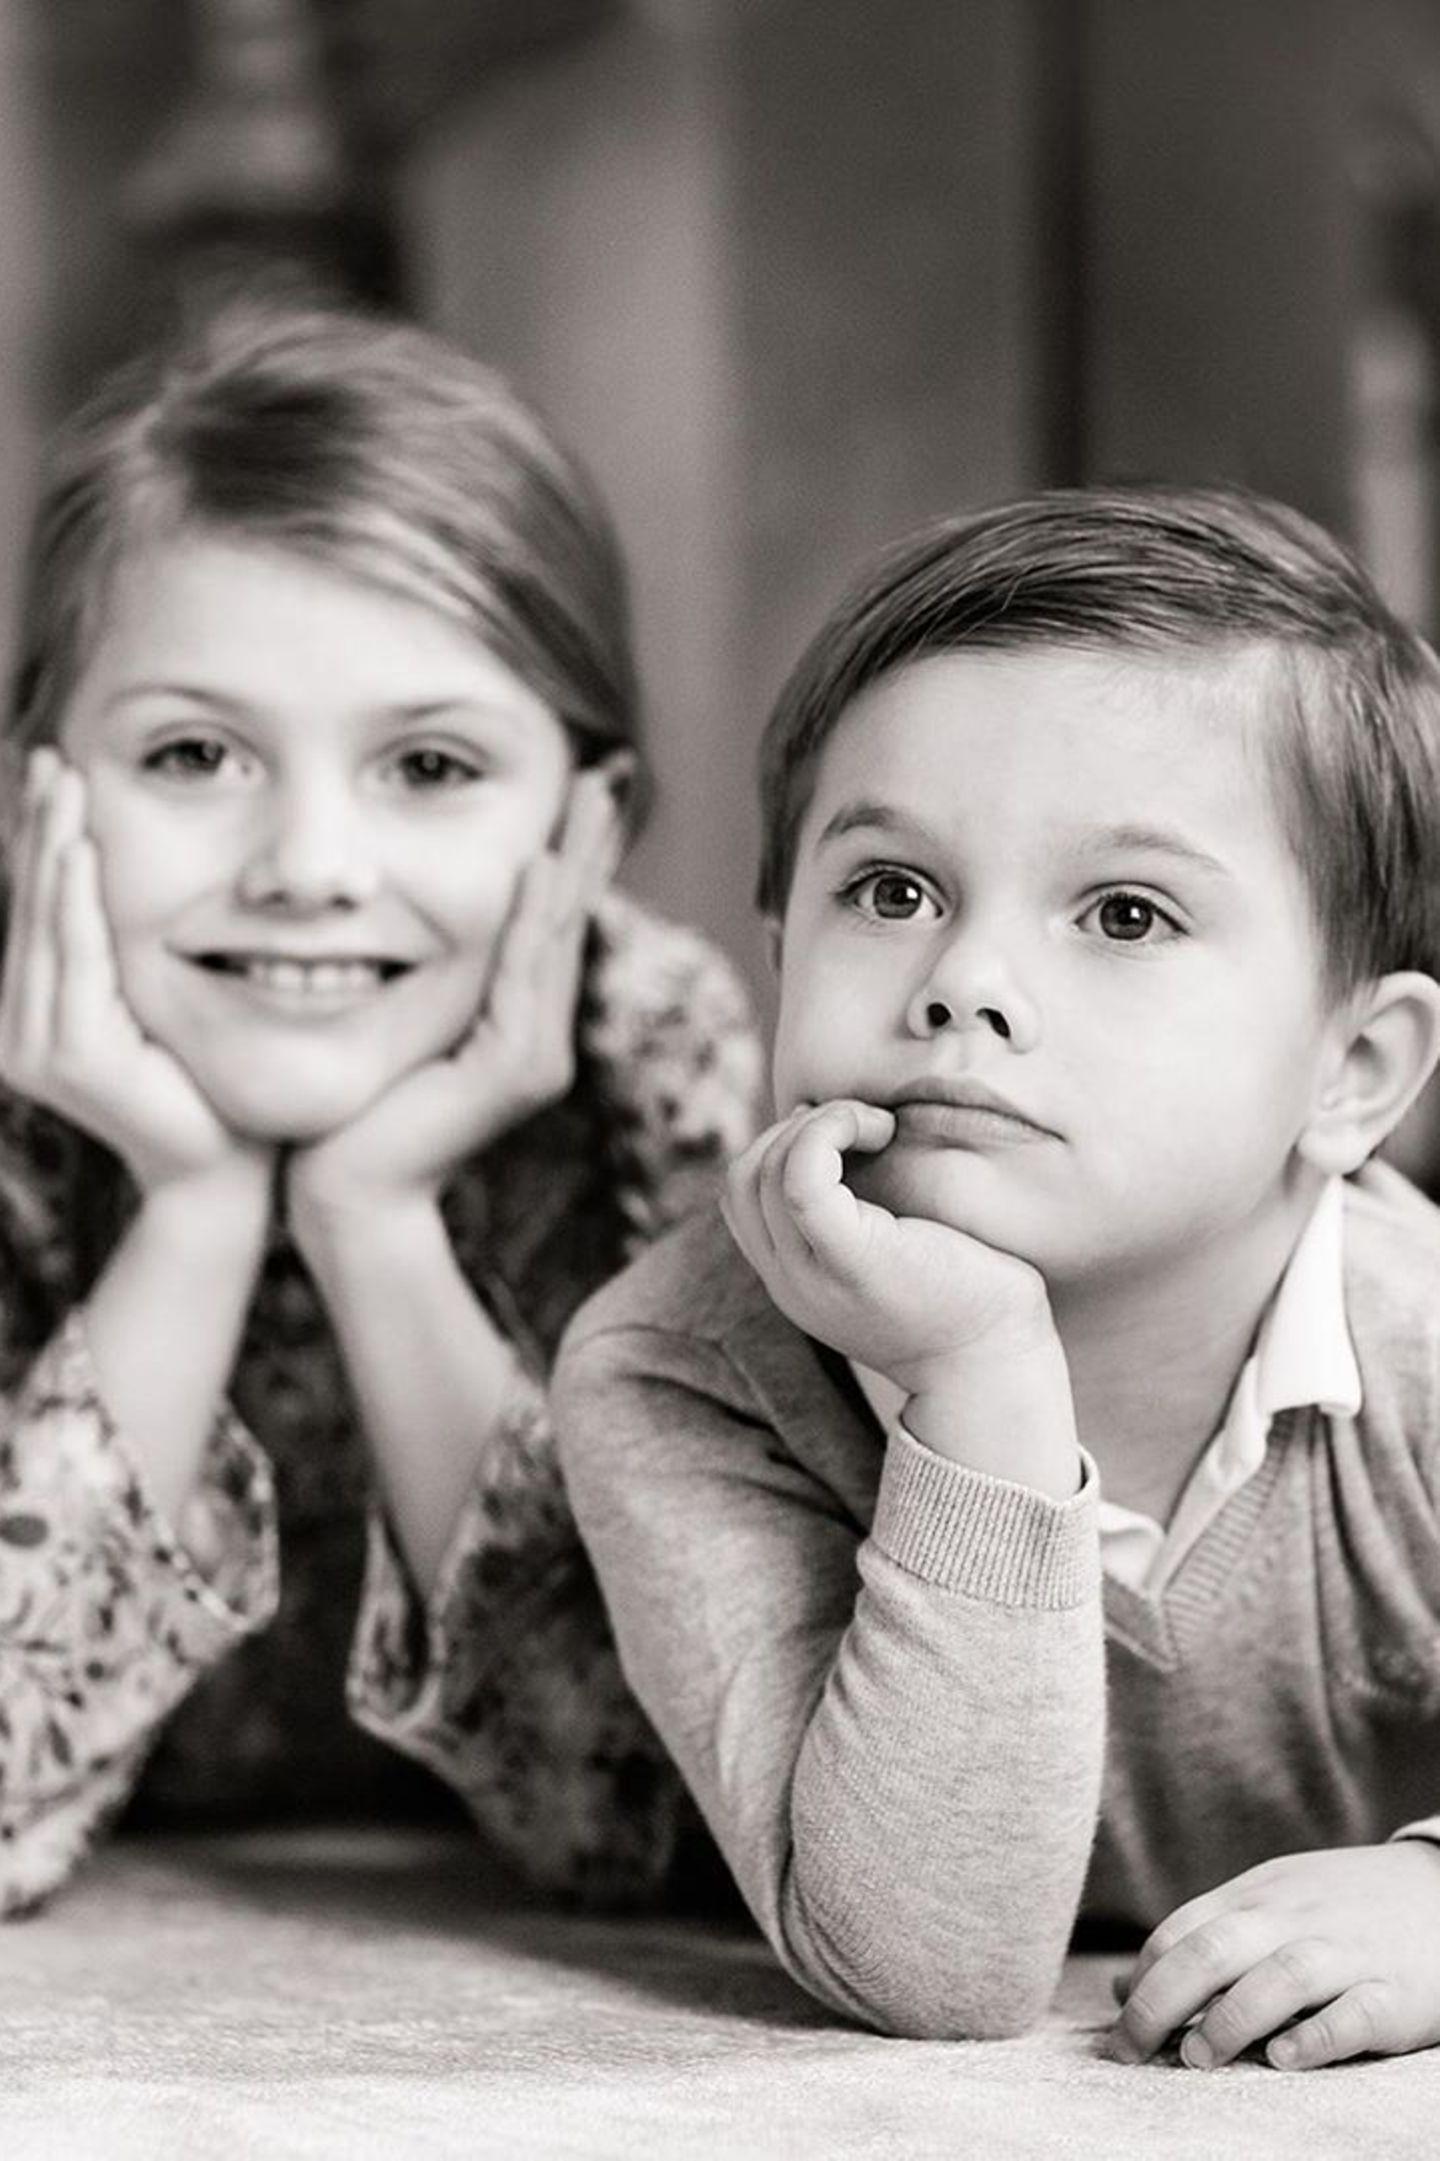 Während seine Schwester, Prinzessin Estellefreudig in die Kamera strahlt, wirkt Prinz Oscar ganz verträumt. Dieses neue Foto der Geschwister stammt aus dem gleichen Shooting wie die Bilder, die zu Prinzessin Estelles achtem Geburtstag Ende Februarveröffentlicht wurden.